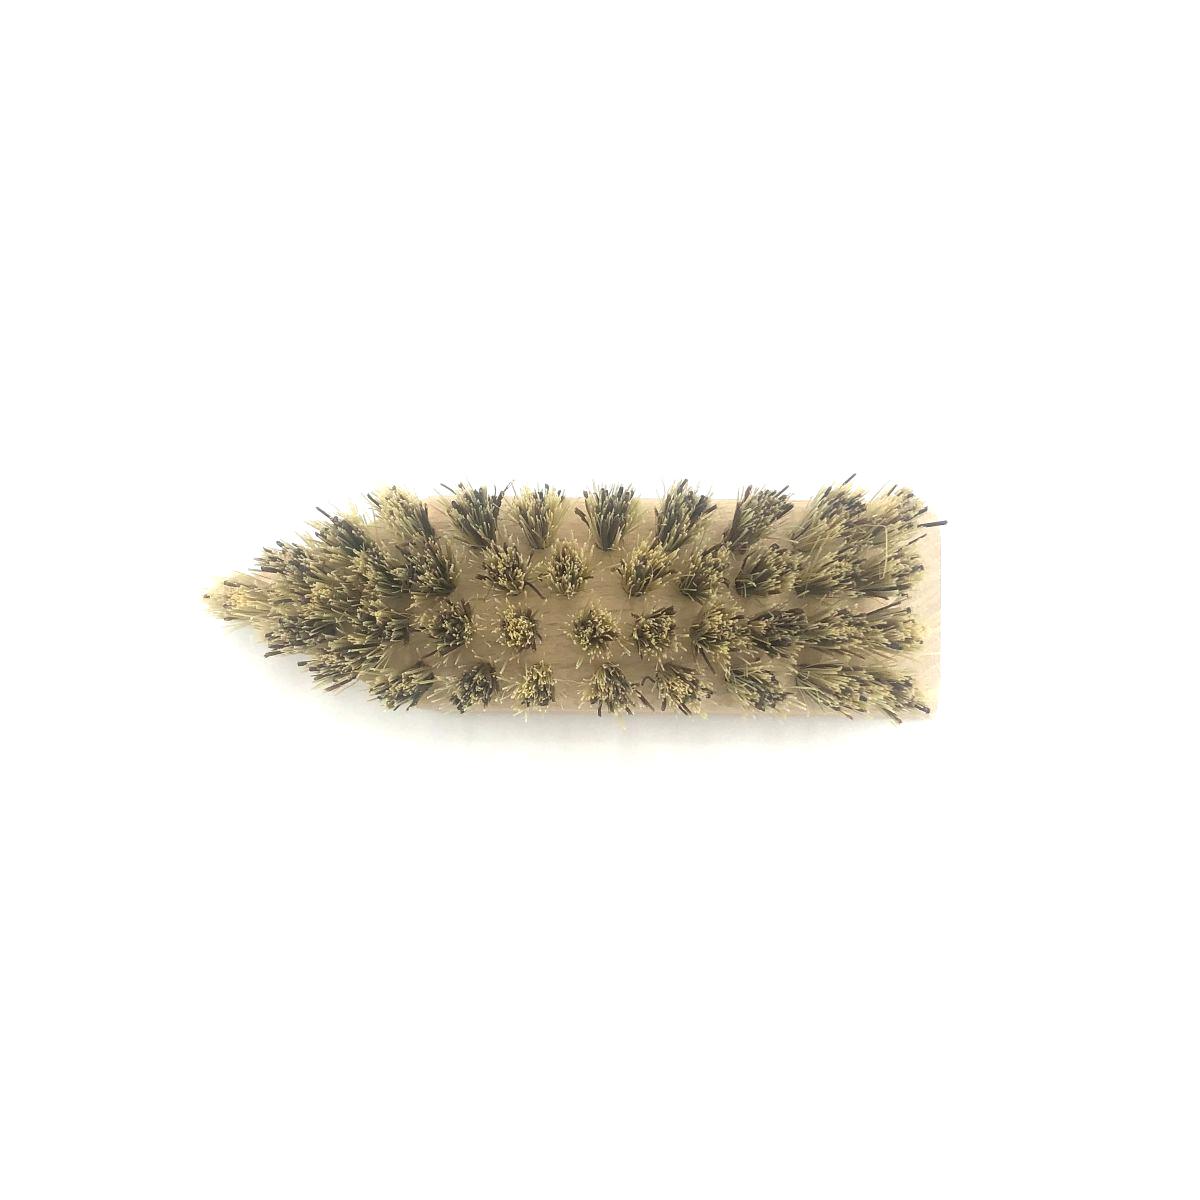 Schuh-Schmutzbürste klein mit Pflanzenfaser